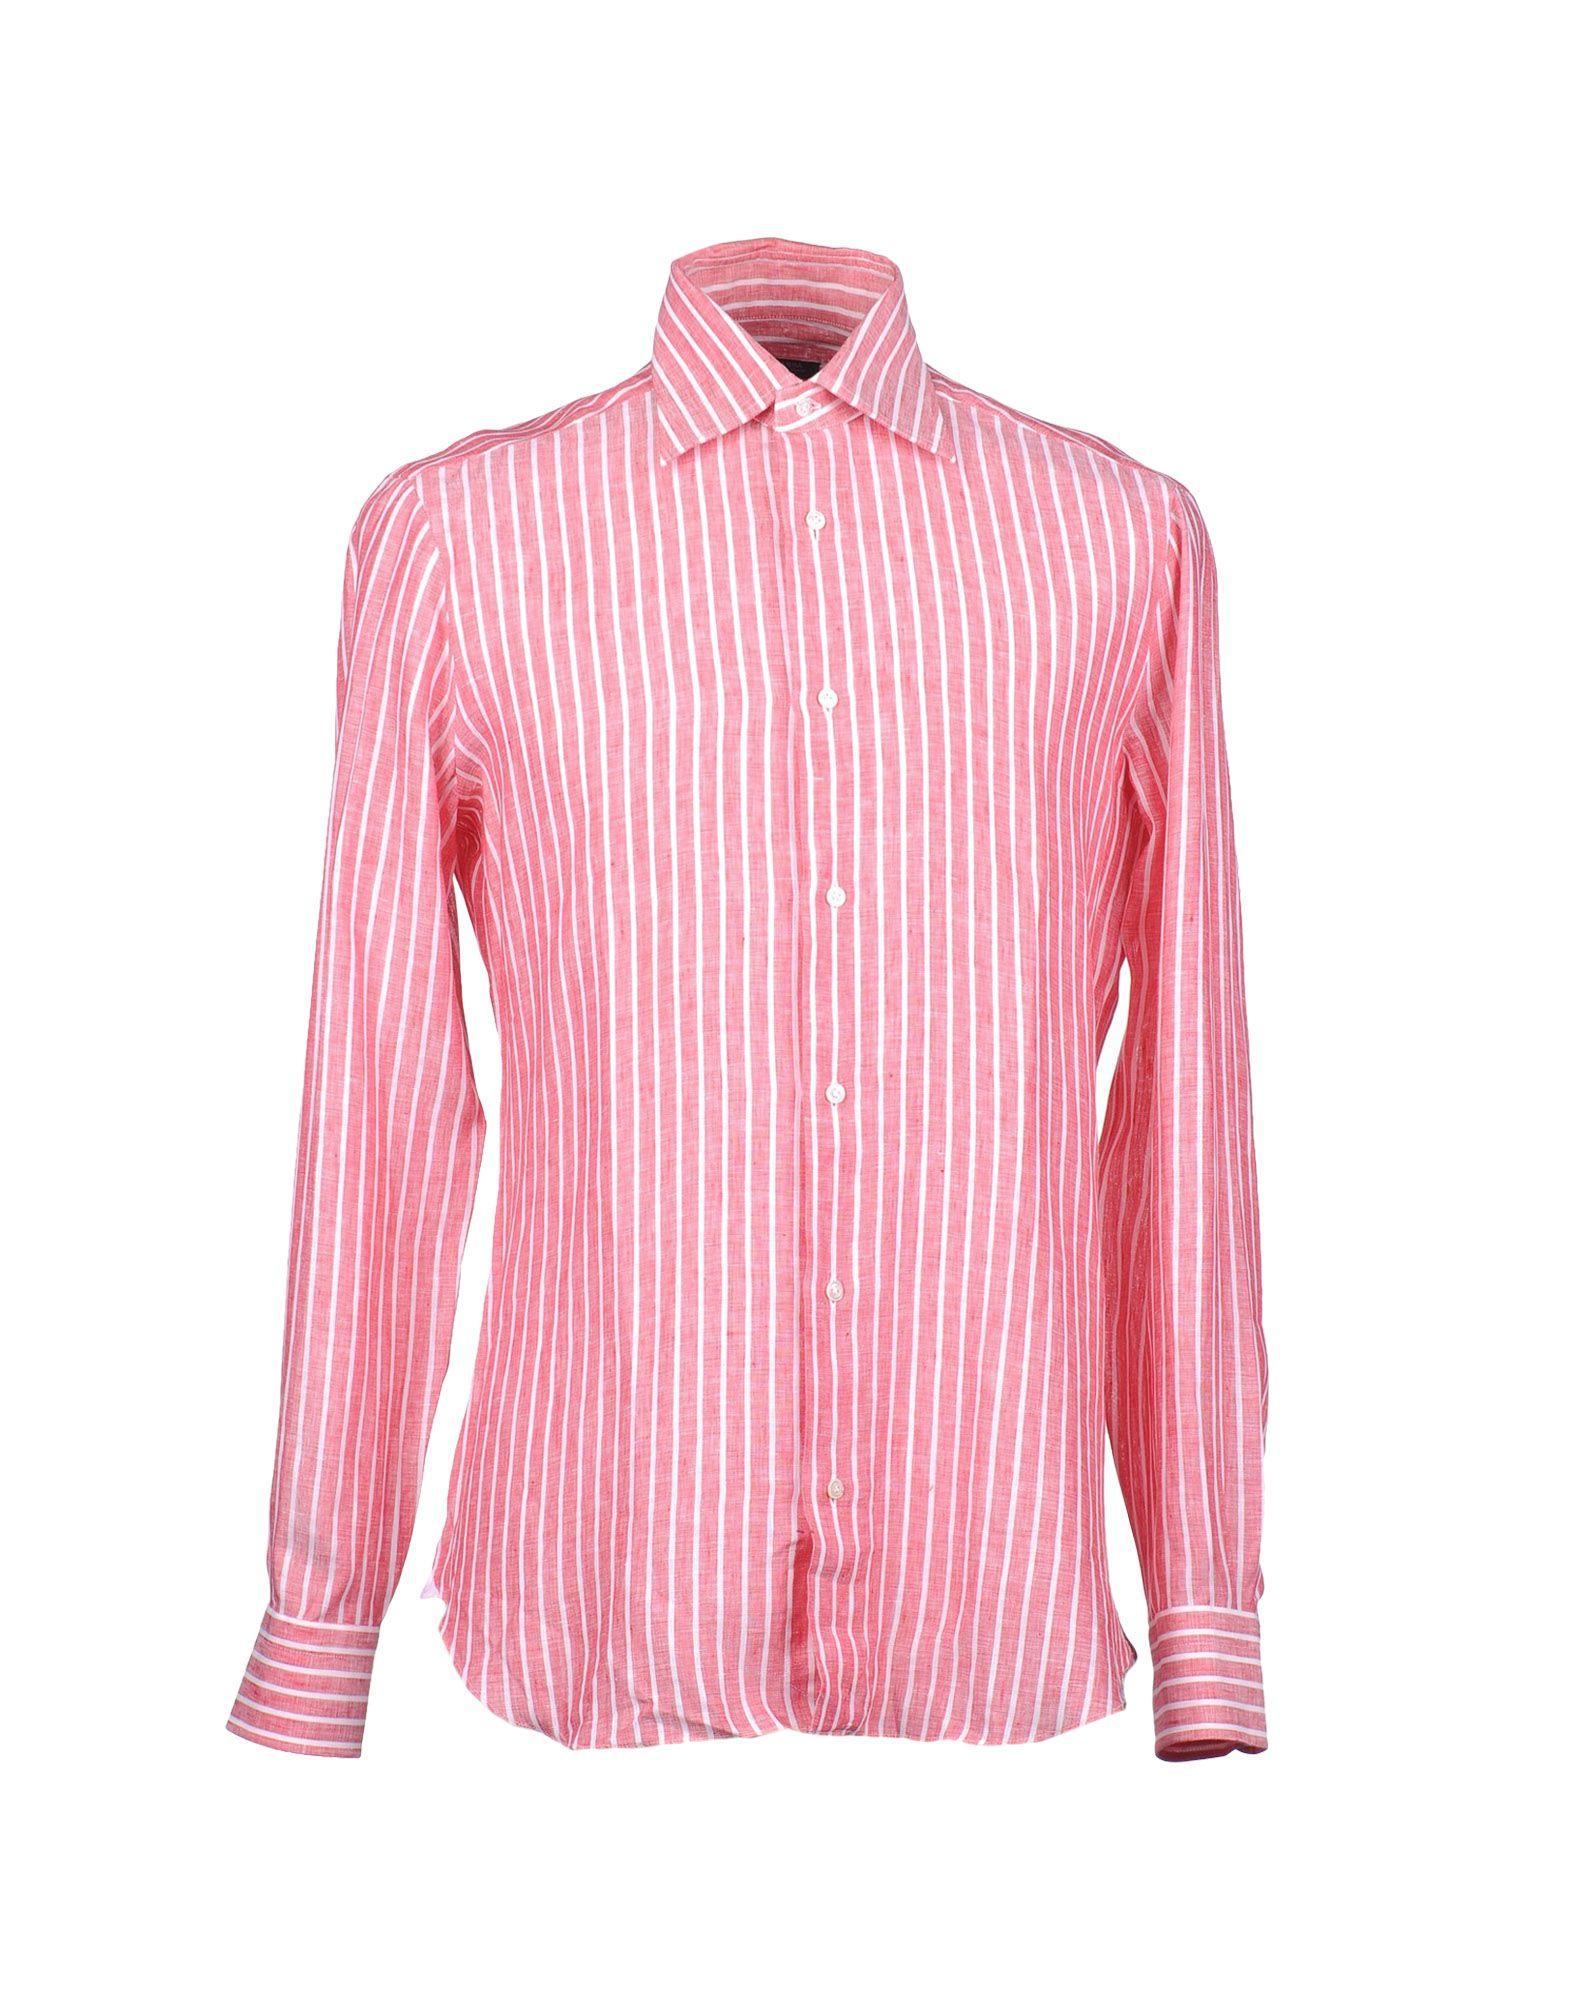 Фото - BARBA Napoli Рубашка с длинными рукавами рубашка с длинными рукавами 1 мес 3 года